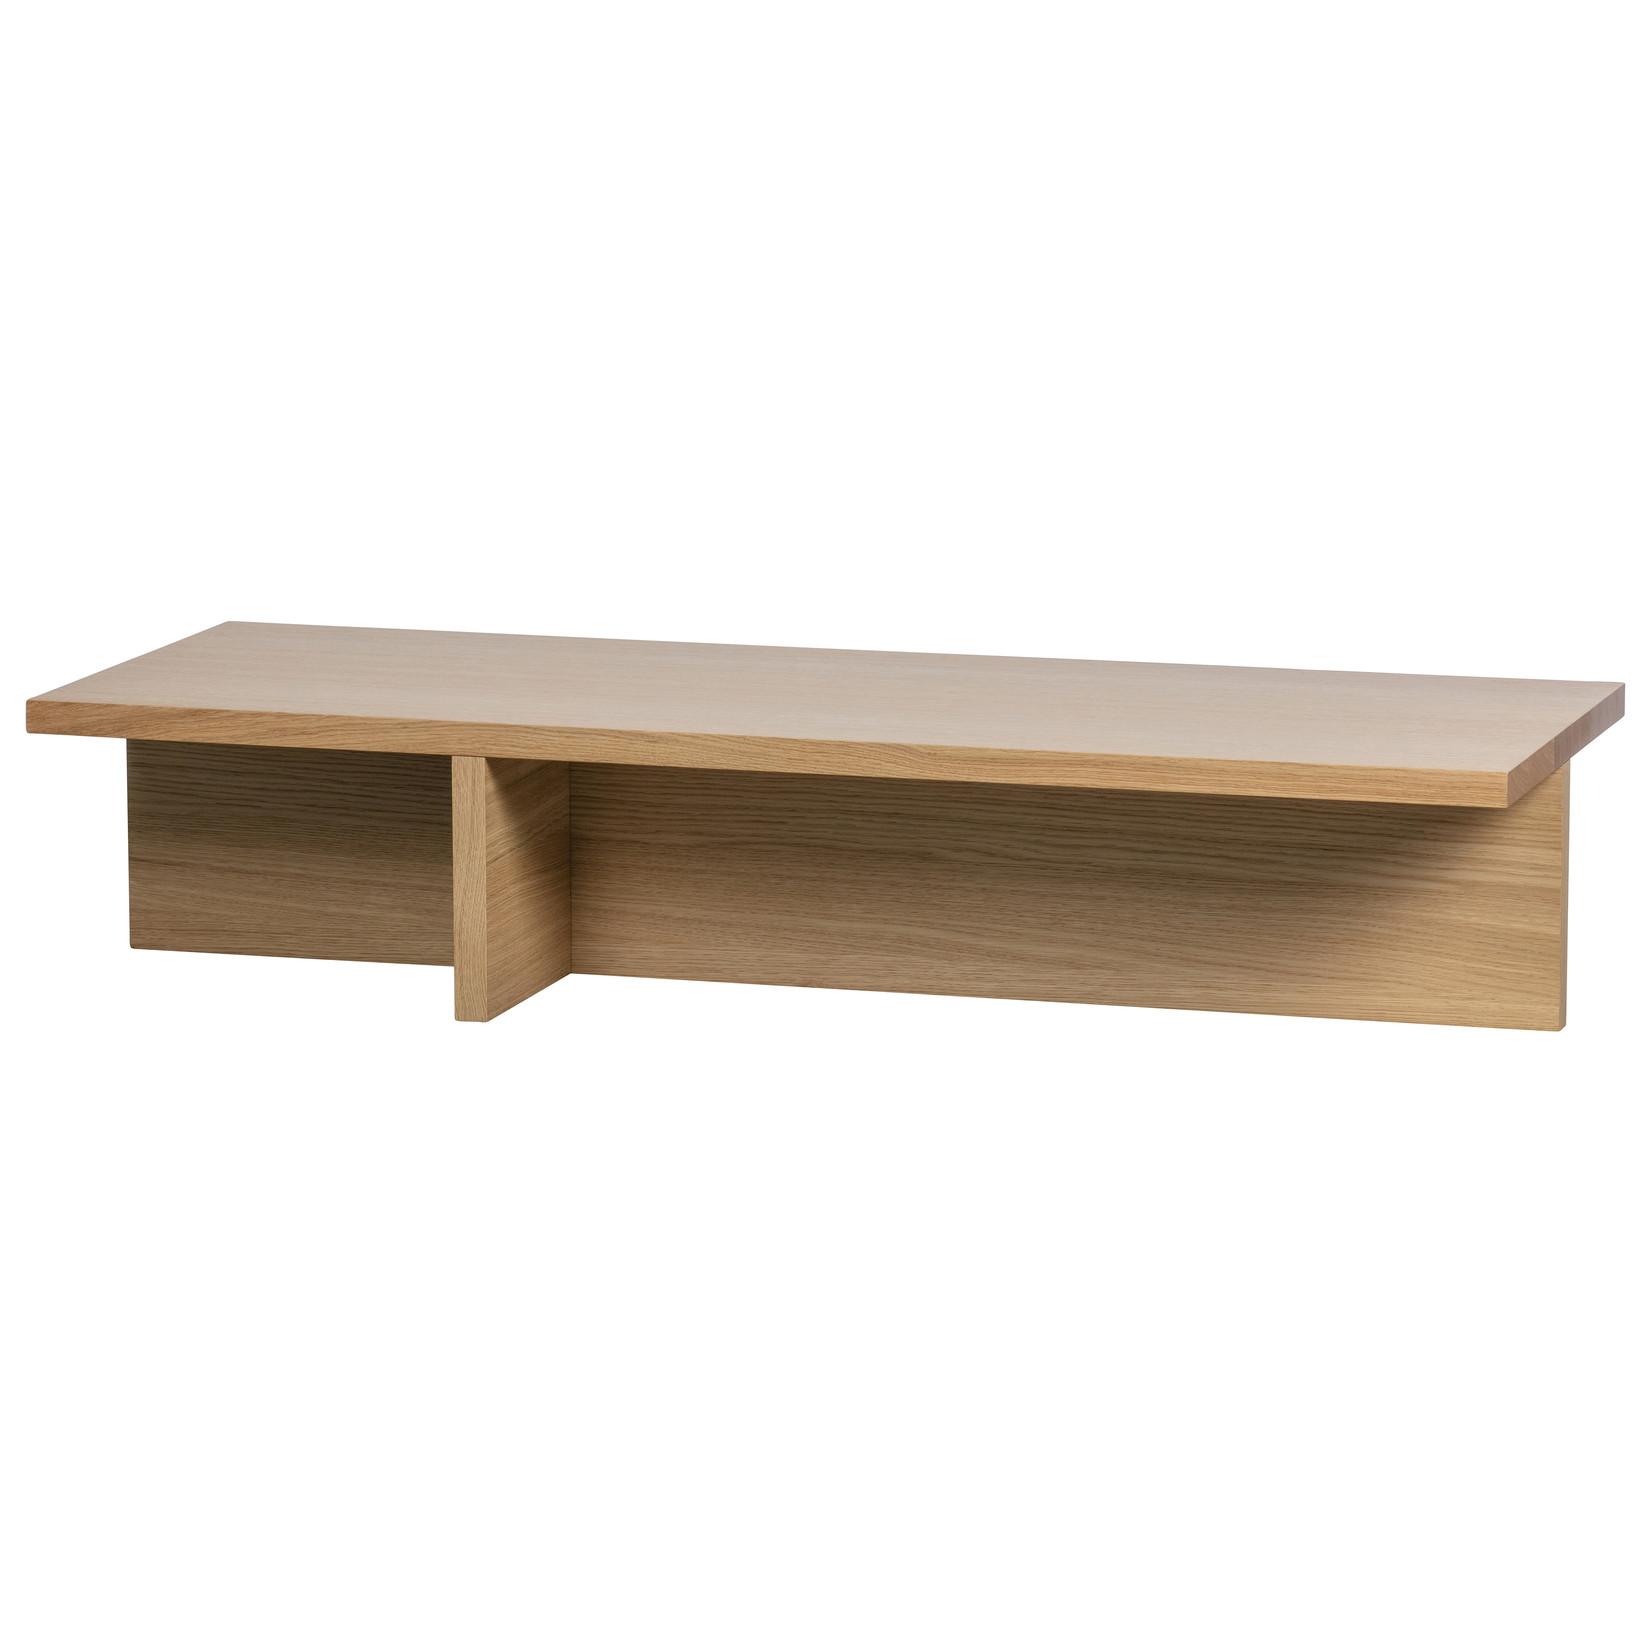 vtwonen Angle salontafel eiken [fsc]